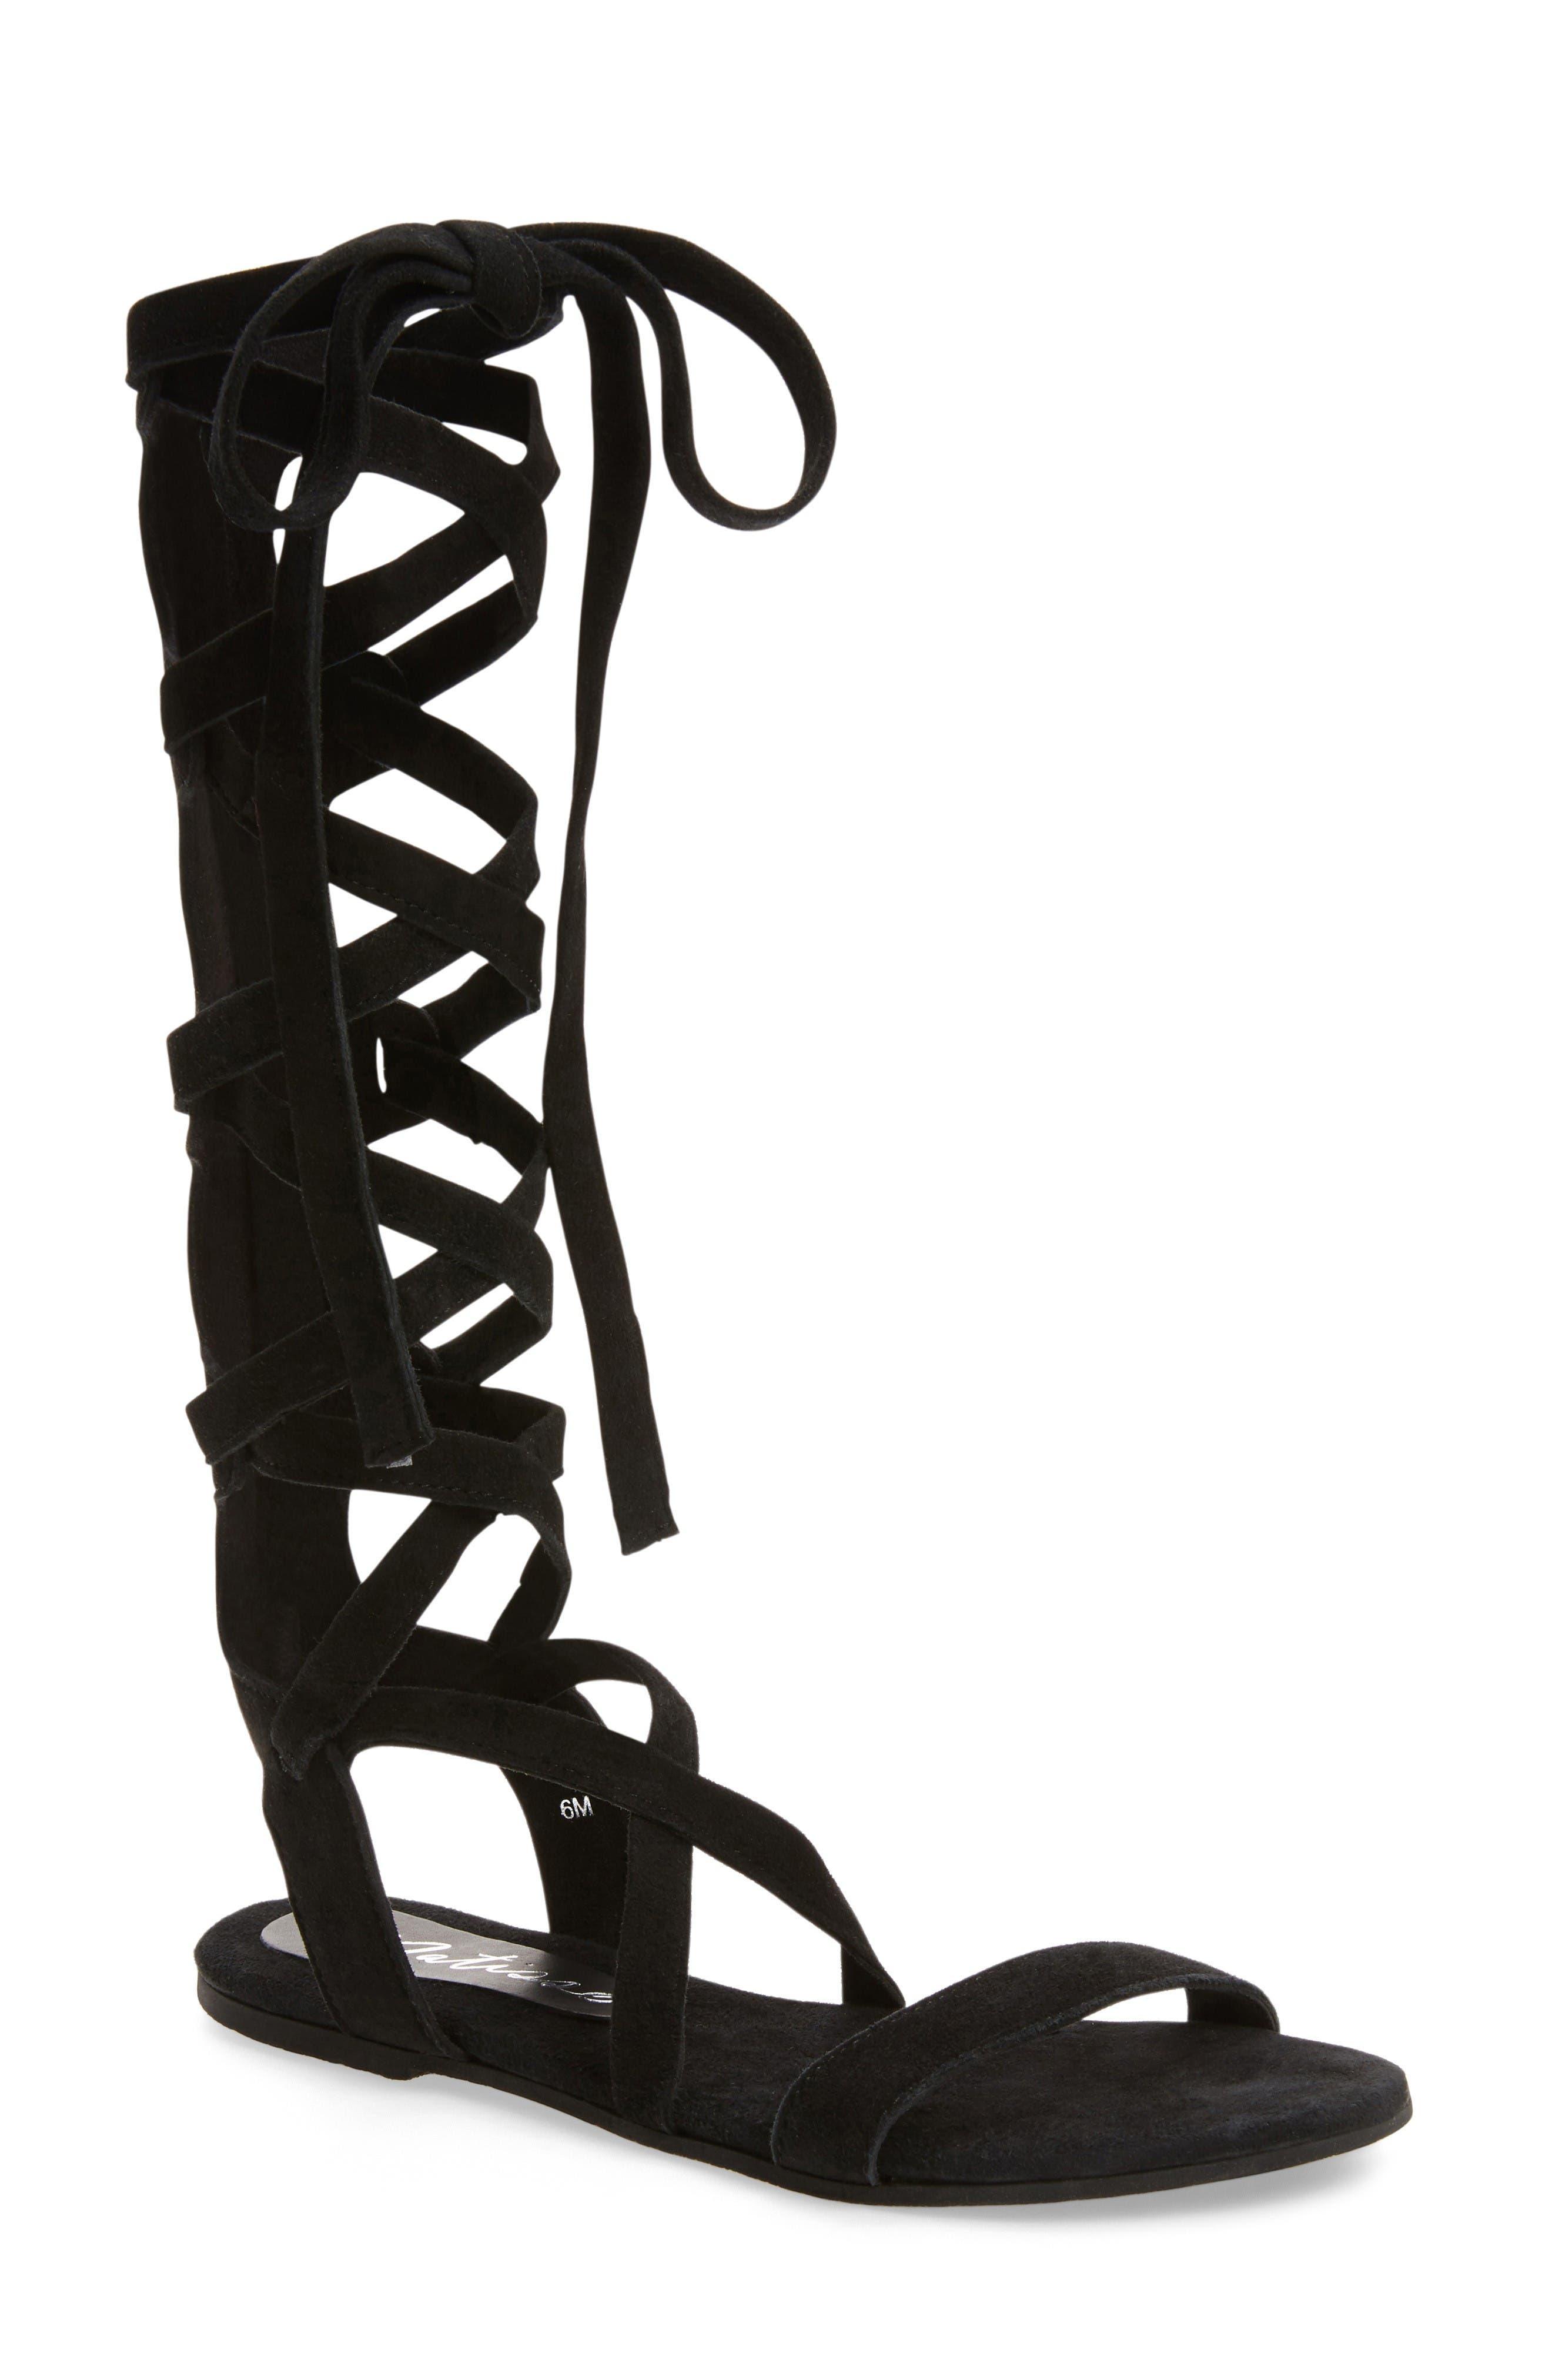 Alternate Image 1 Selected - Matisse Zepher Tall Gladiator Sandal (Women)